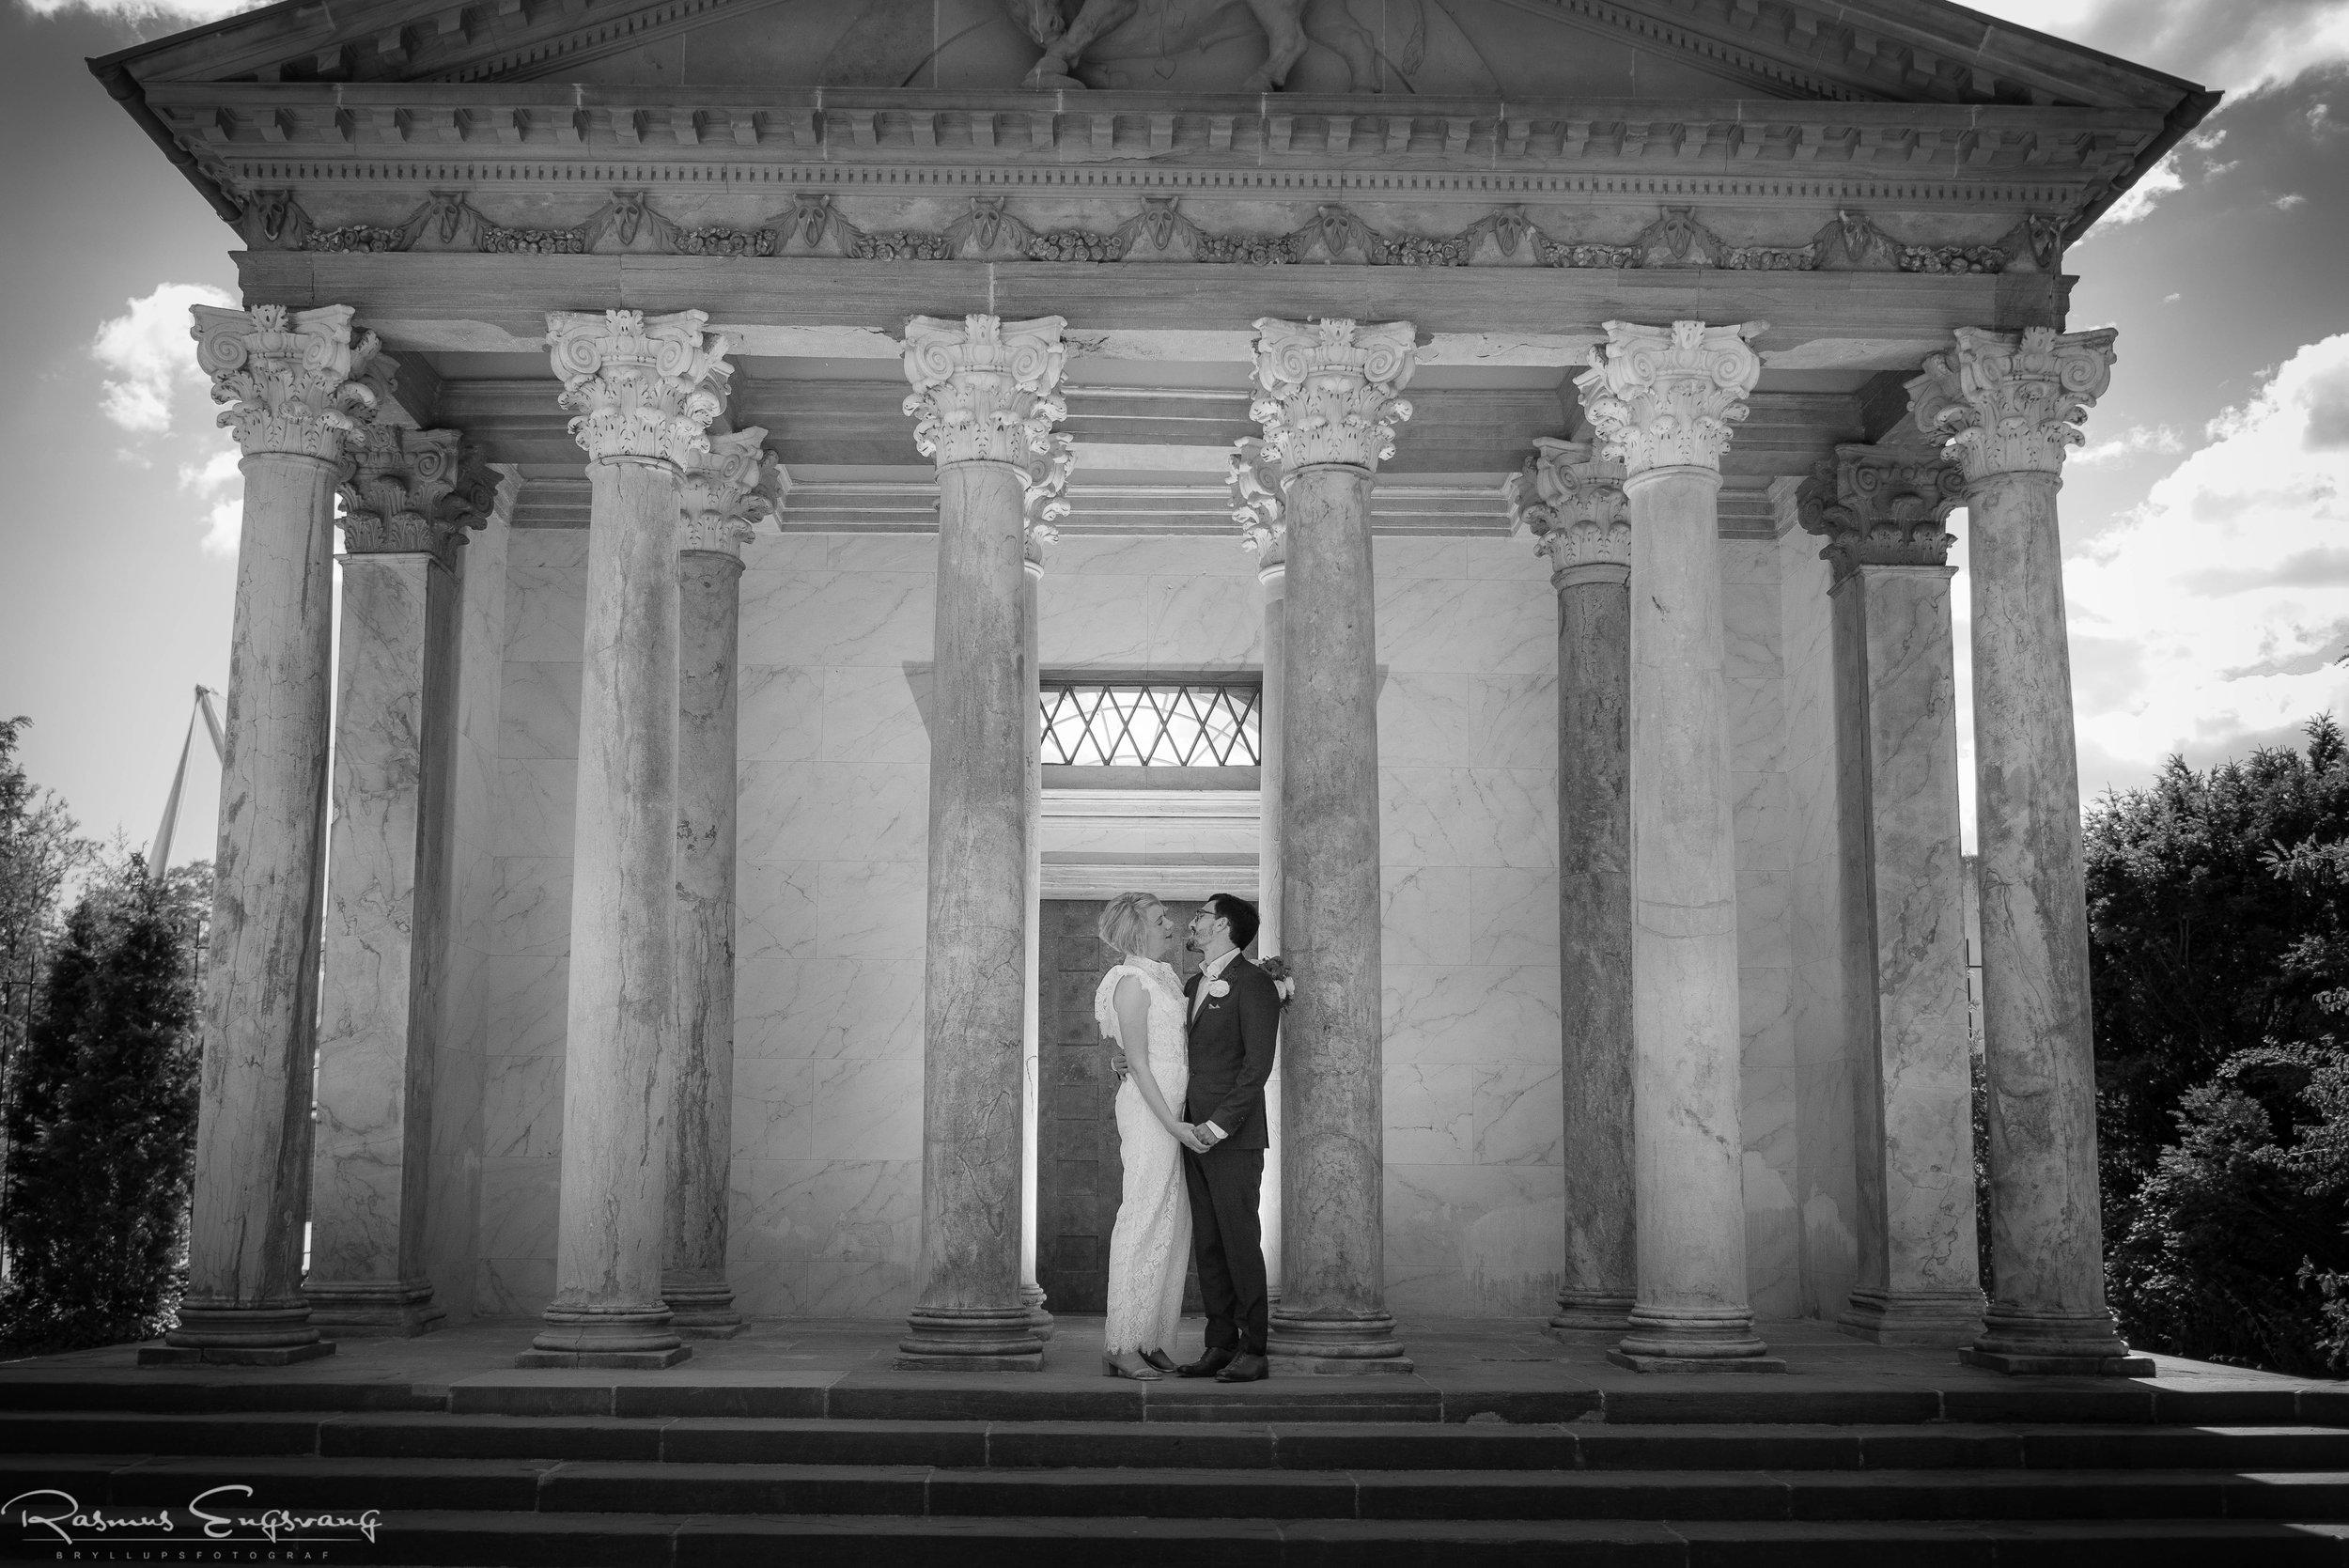 Bryllupsfotograf-København-Rådhus-Frederiksberg-Have-Langelinje-Pavillon-204.jpg